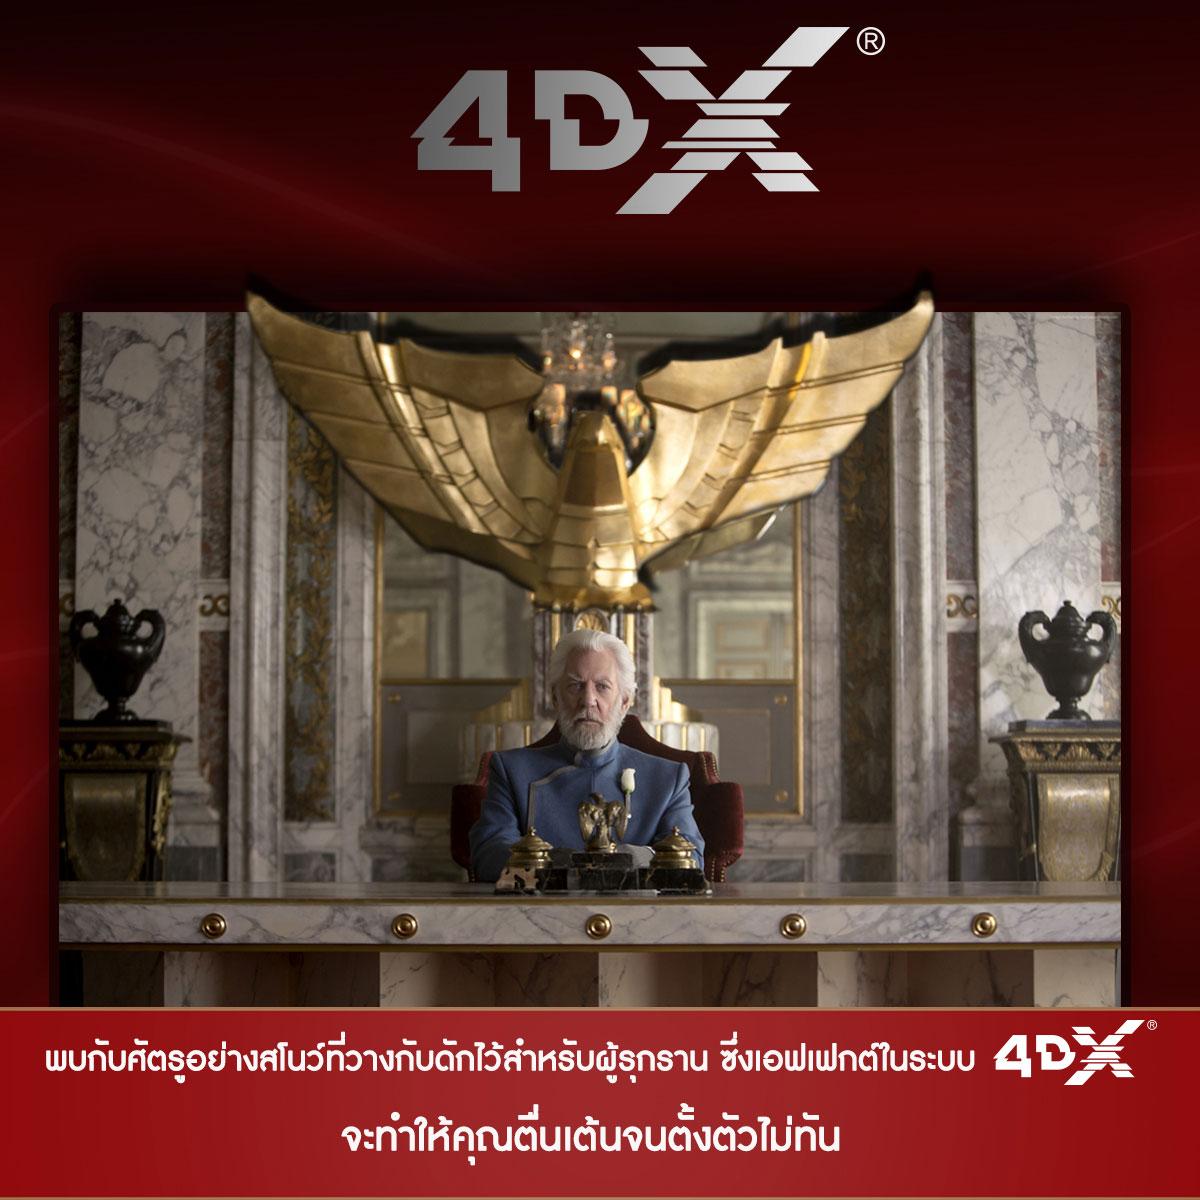 เจาะลึก Mockingjay ในระบบ 4DX ทำไมถึงมันส์กว่า อินกว่าระบบอื่น